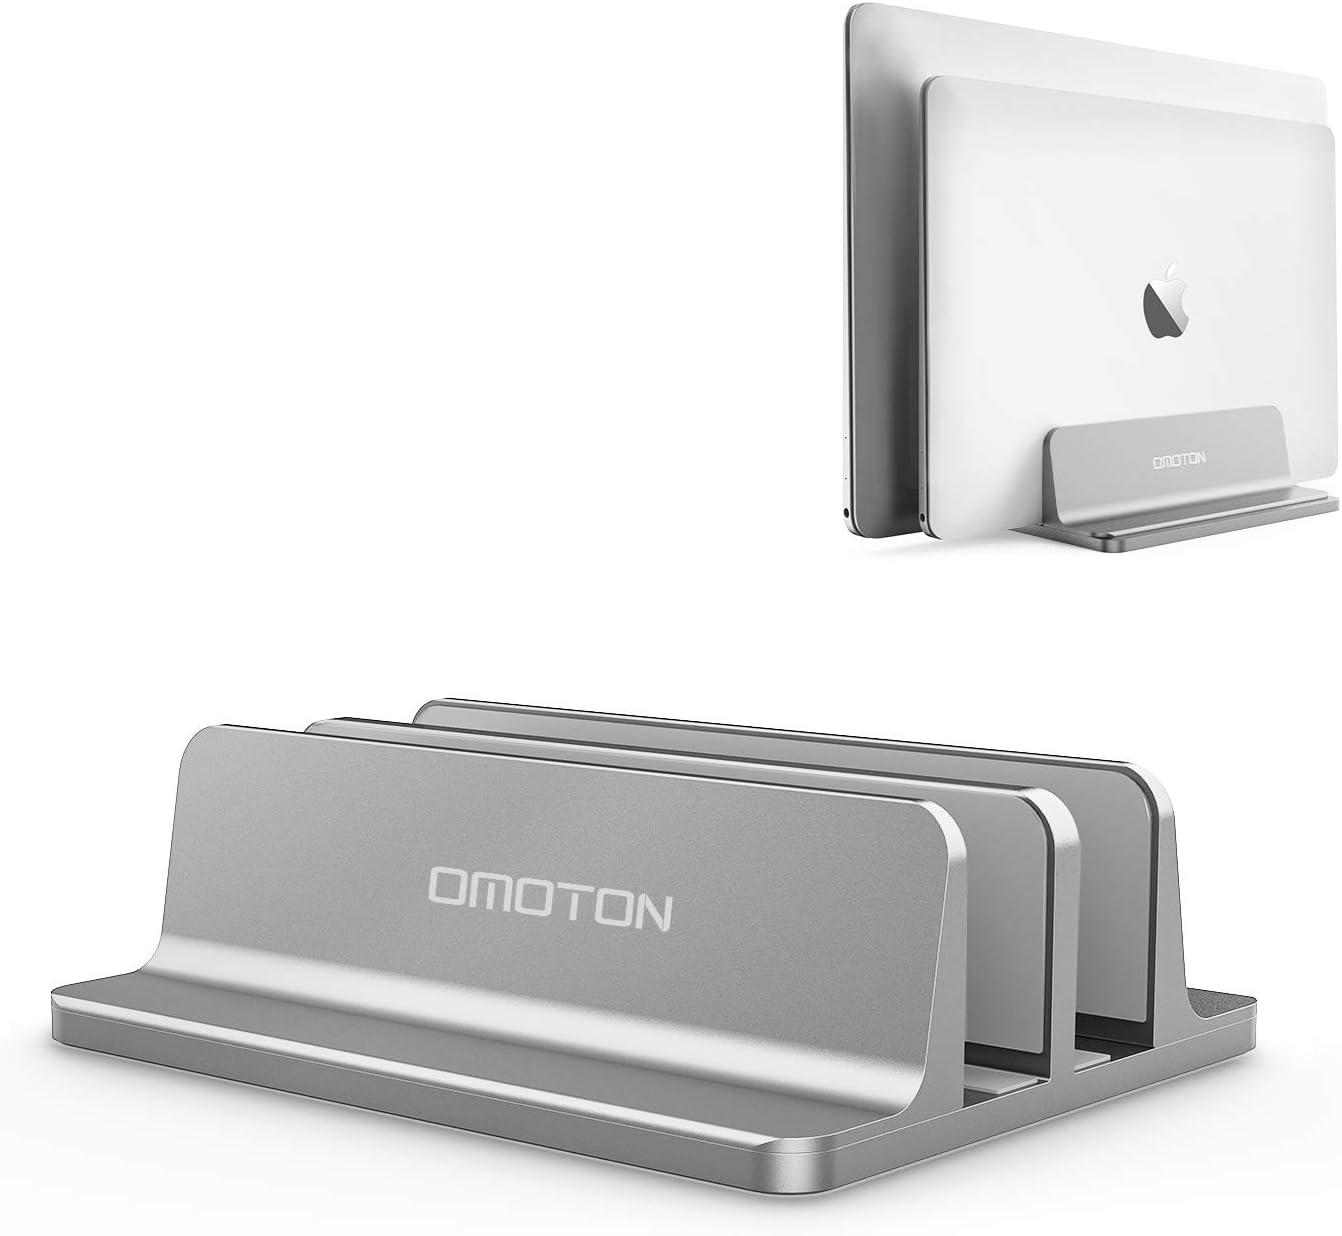 Soporte Vertical para laptops hasta 17.3 pulg. omoton gris